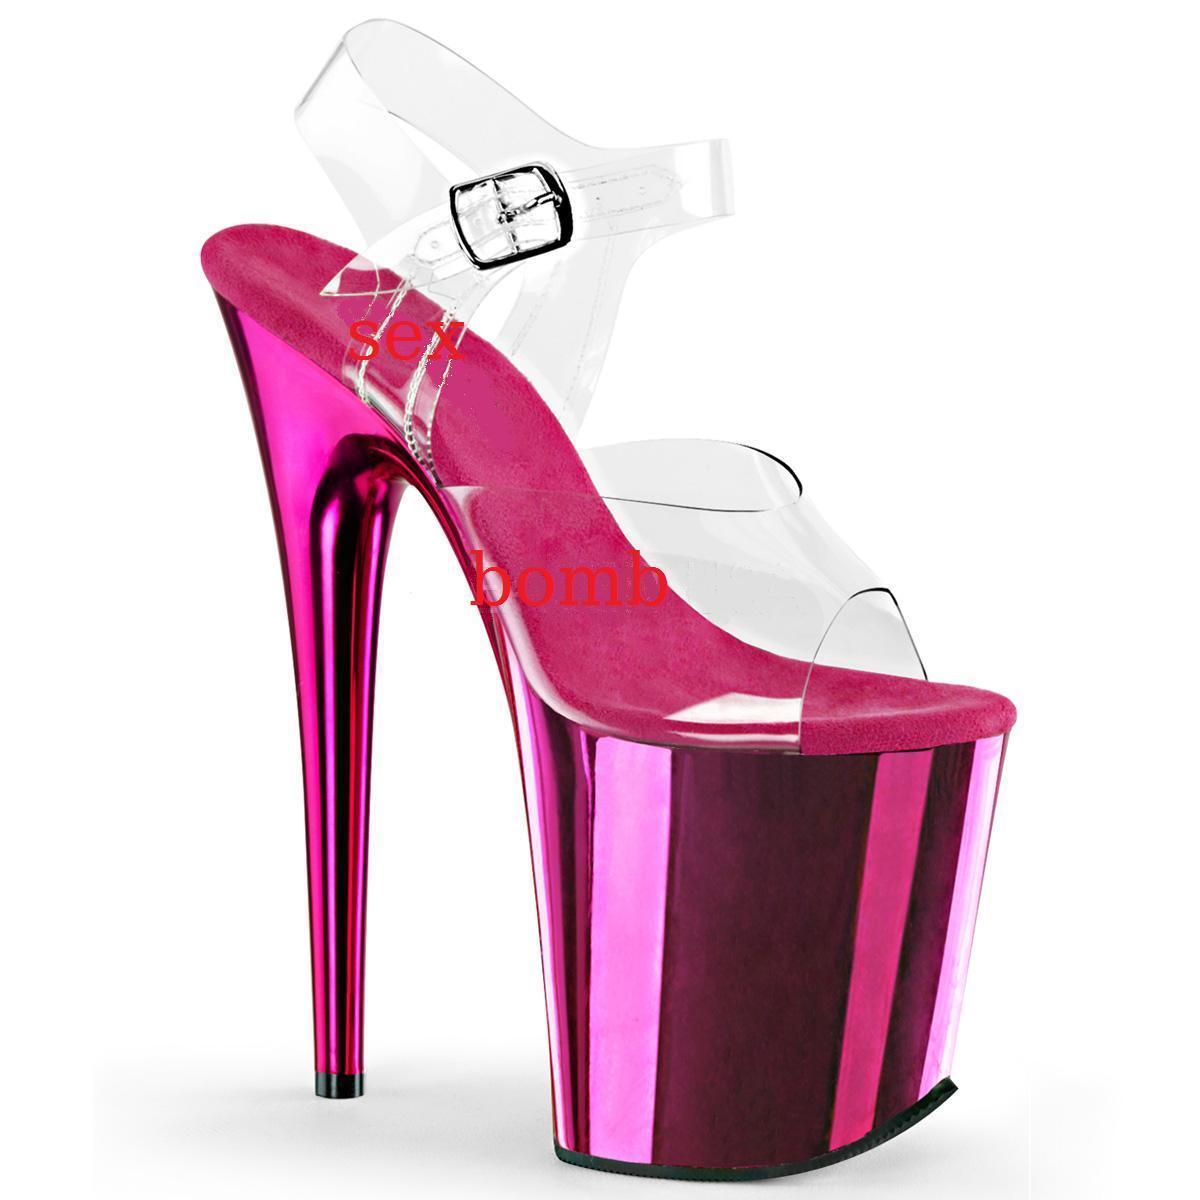 SEXY SANDALI tacco 20 plateau rosado ACCESO TRASPARENTE TRASPARENTE TRASPARENTE dal 35 al 42 club GLAMOUR  Ahorre hasta un 70% de descuento.